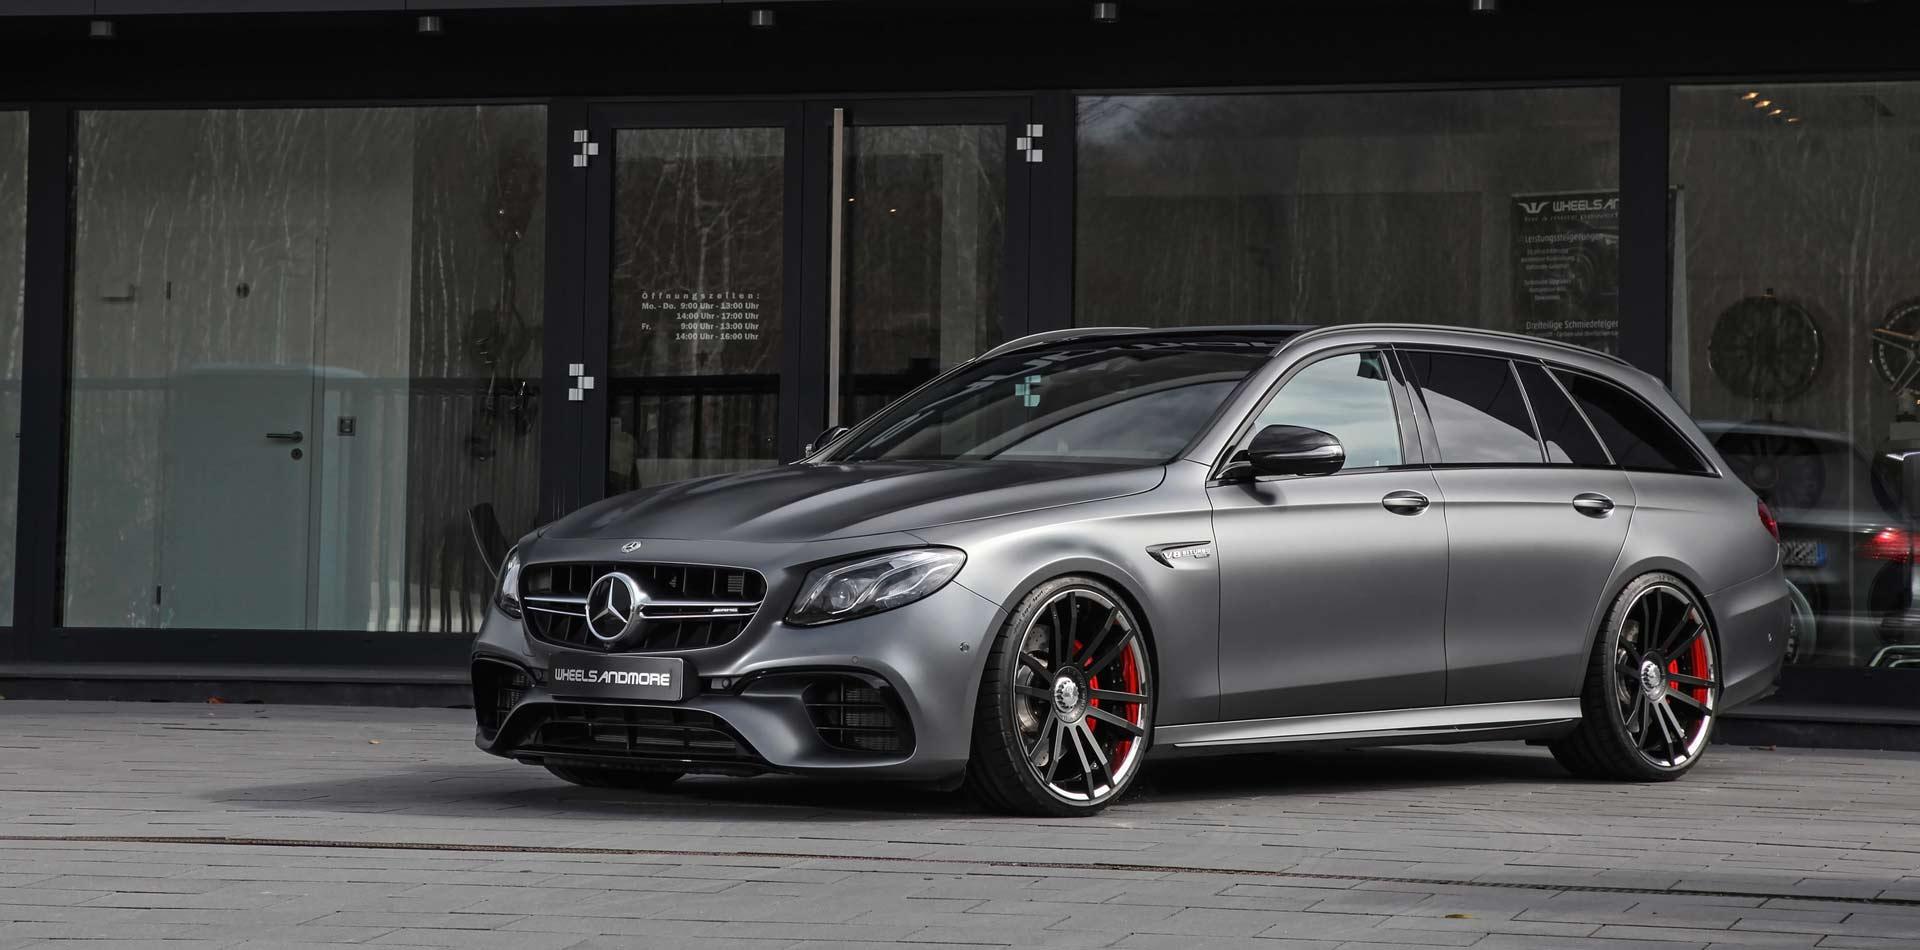 Mercedes AMG Bildergalerie, mit Traumautos von Kunden